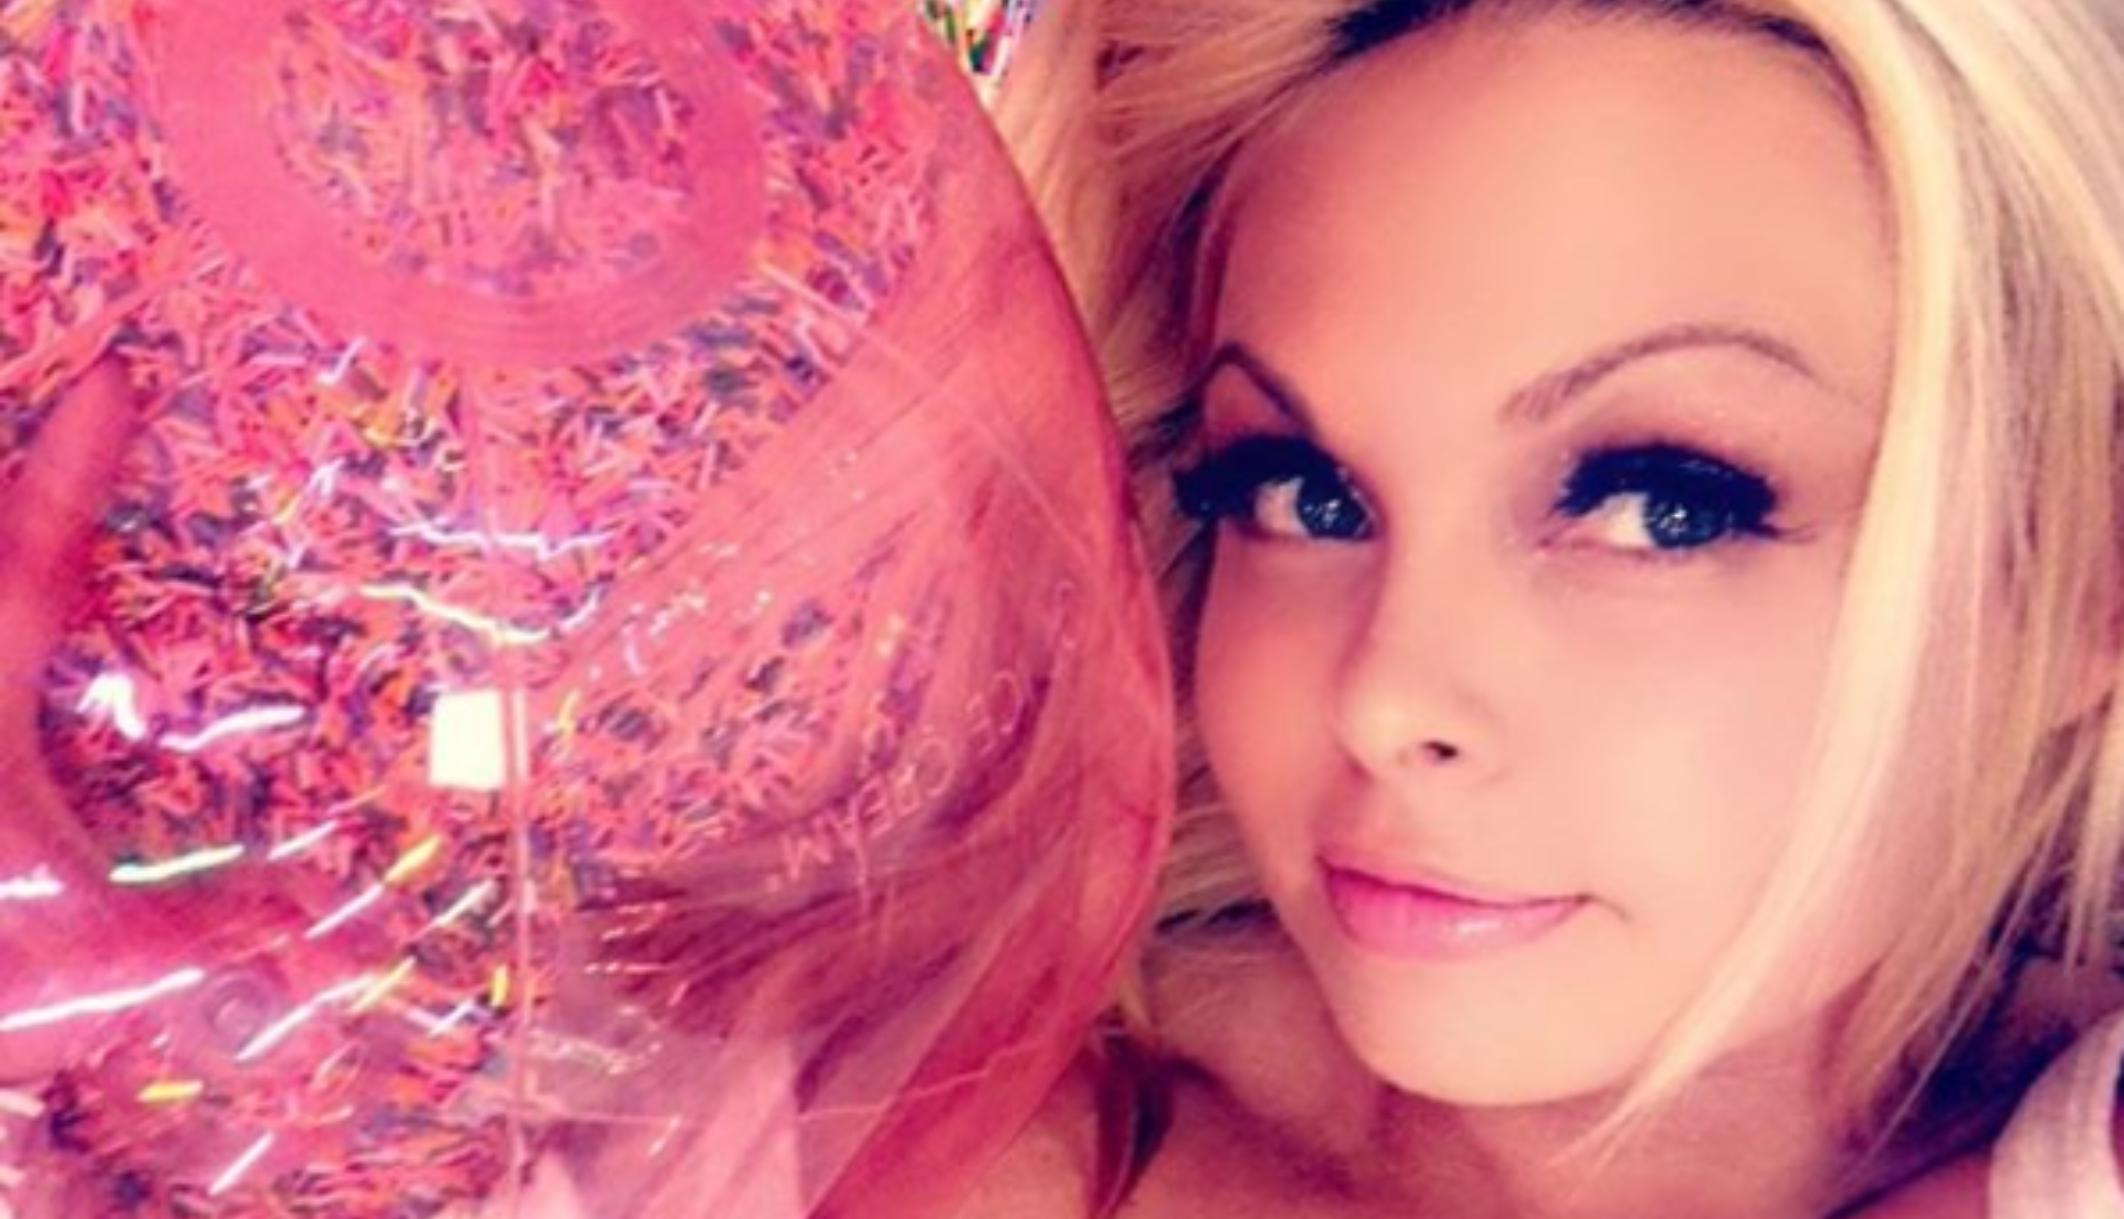 Estrella de cine para adultos dice que fue drogada después de que se difunden en línea imágenes de arresto público por intoxicación